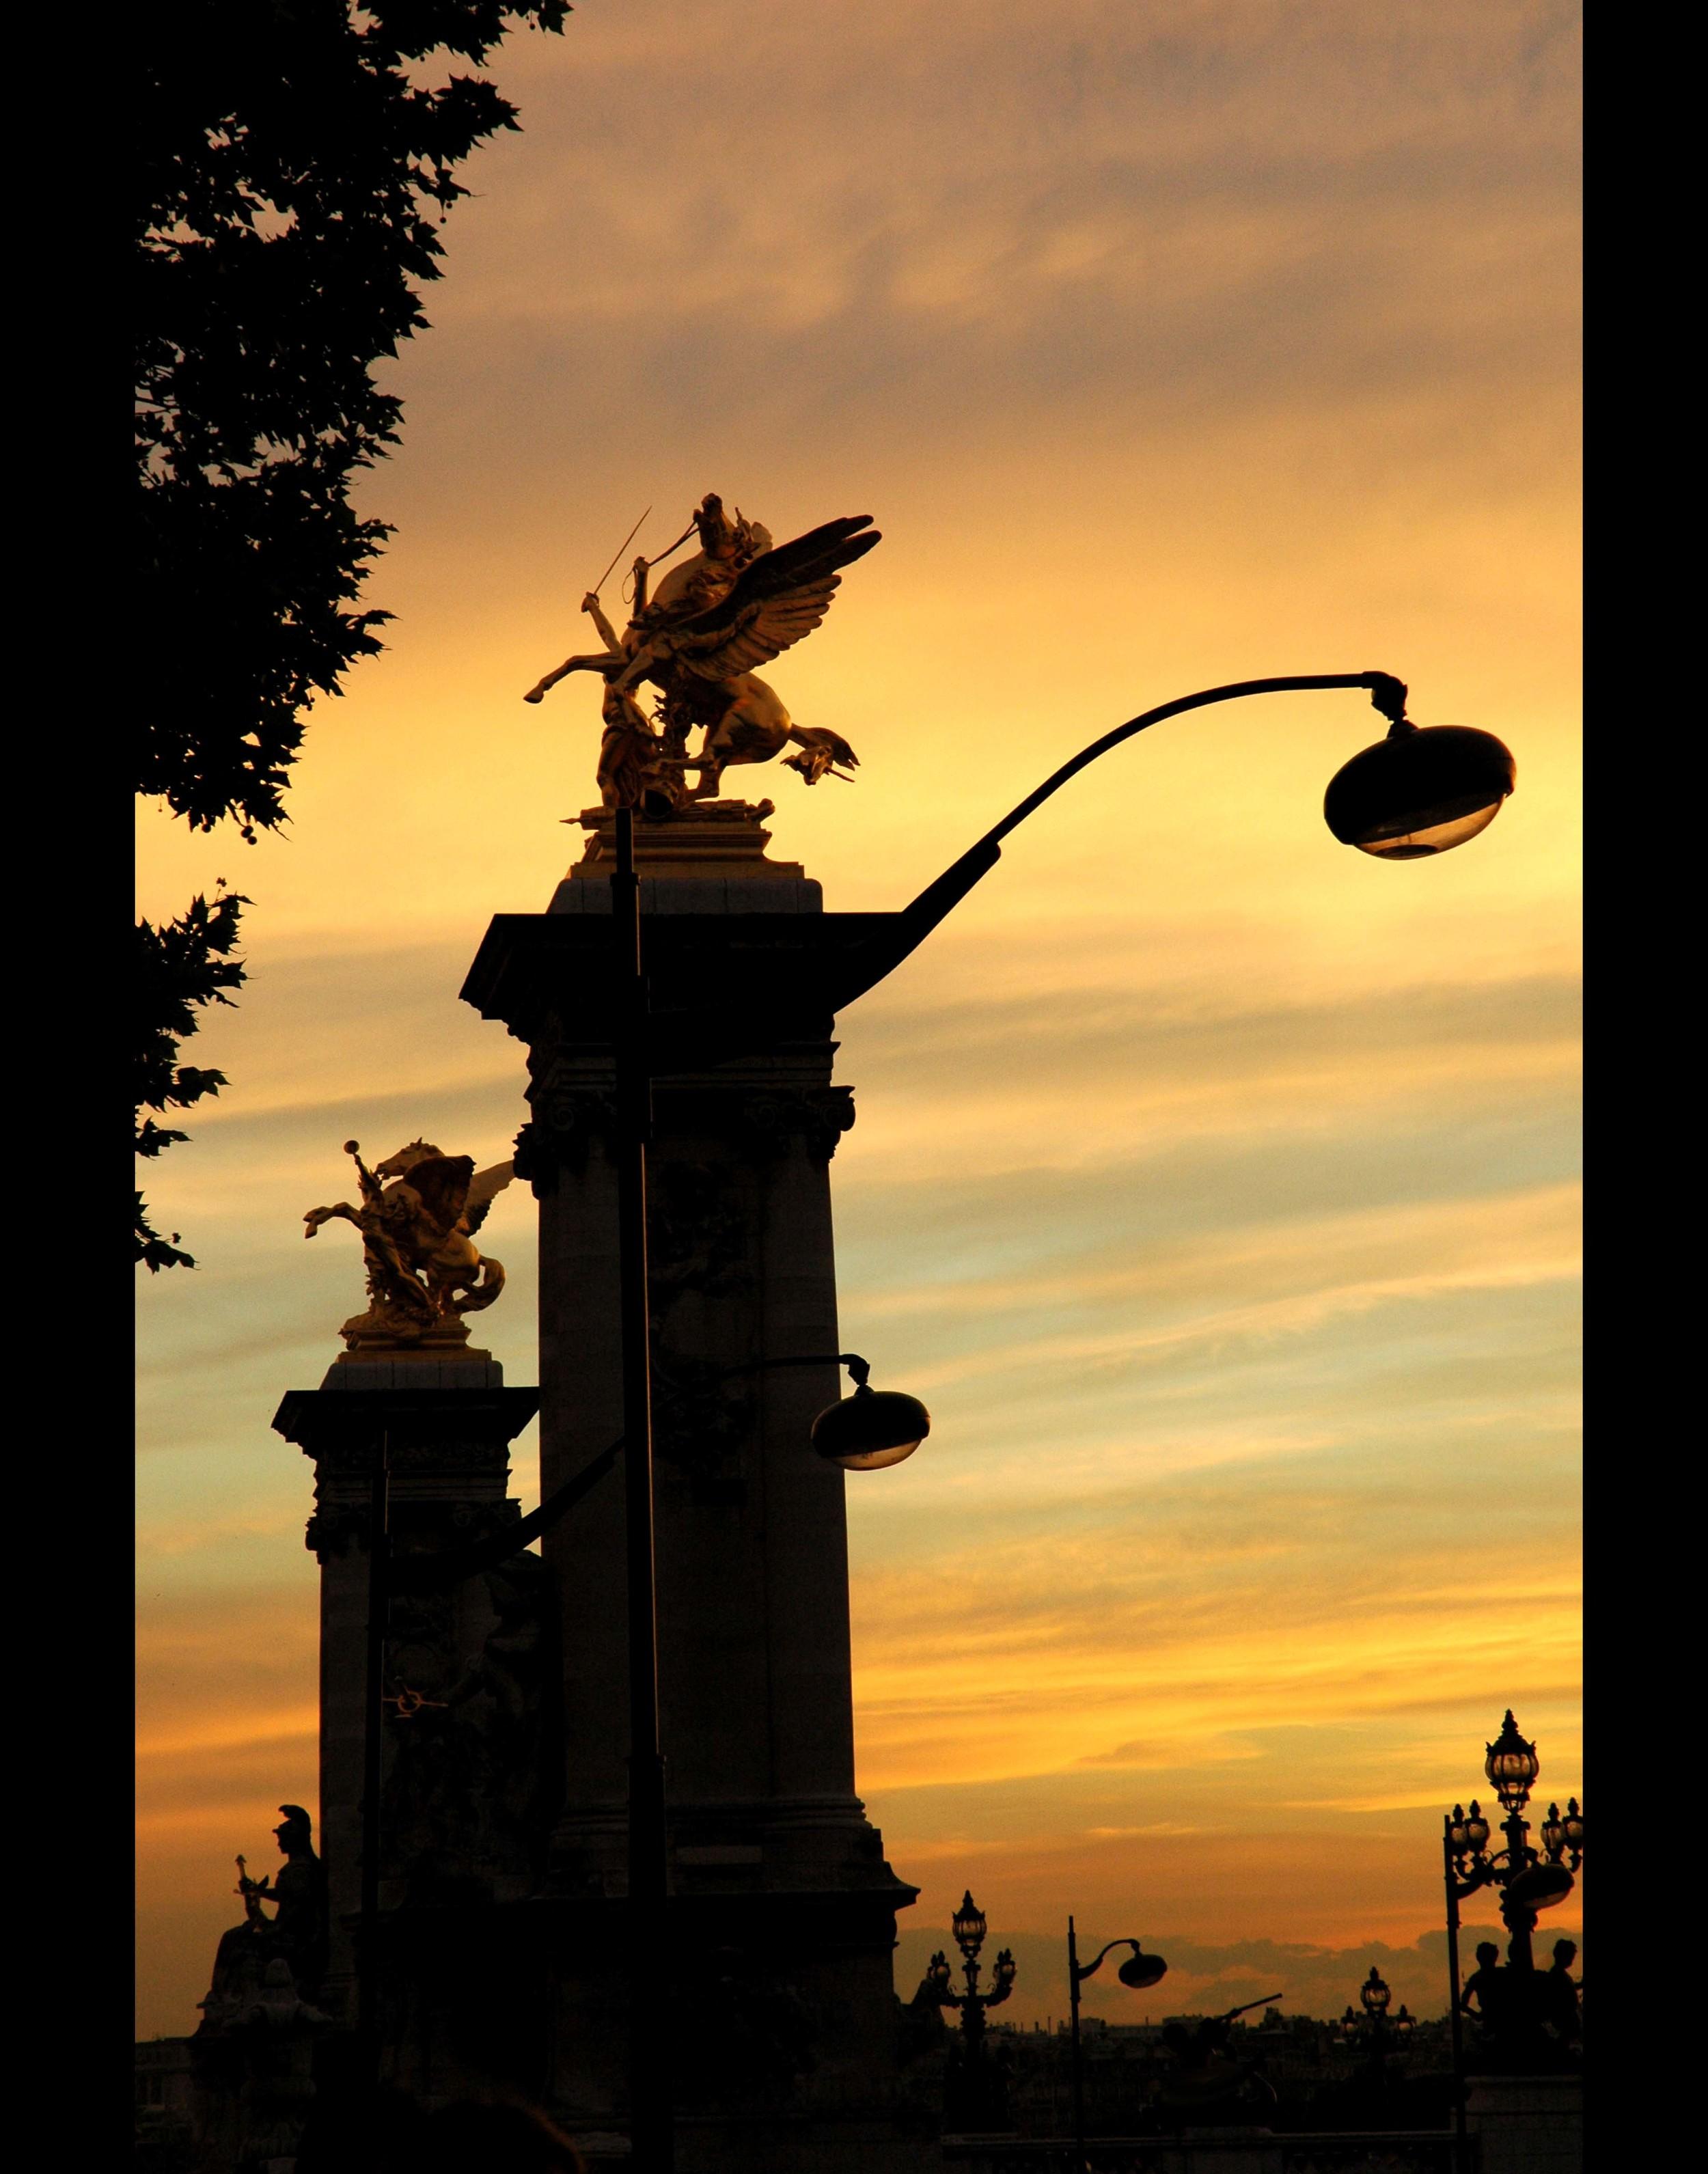 Paris Lamp Wall.jpg